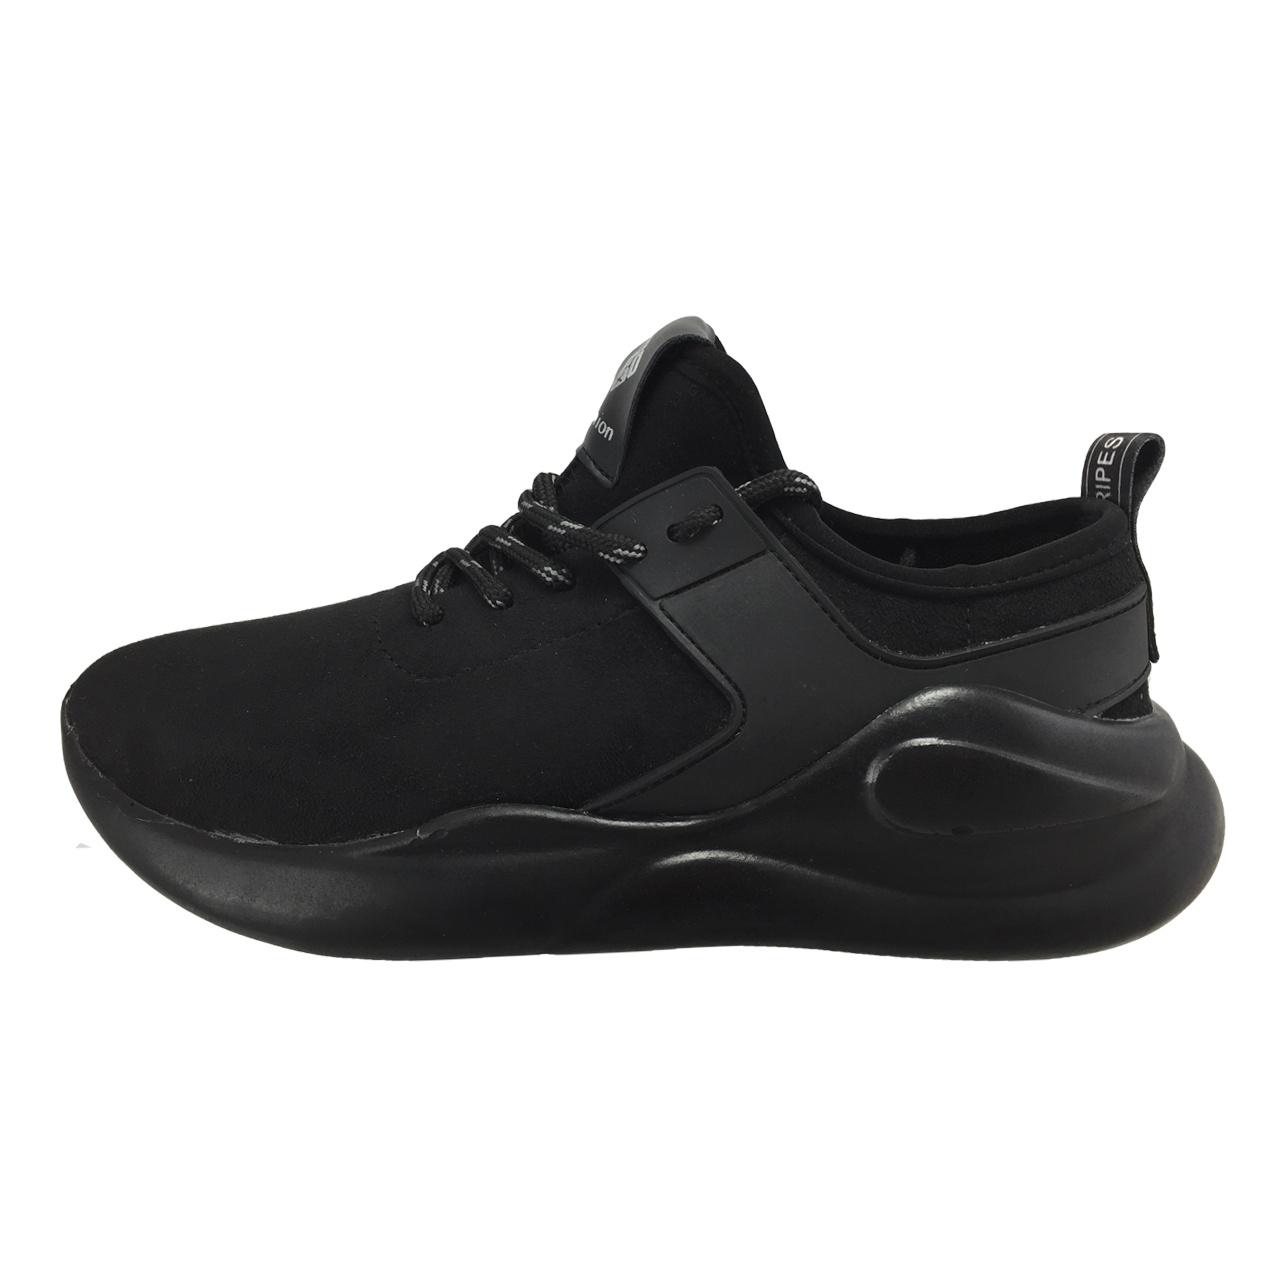 کفش ورزشی زنانه فشن مدل B92 رنگ مشکی